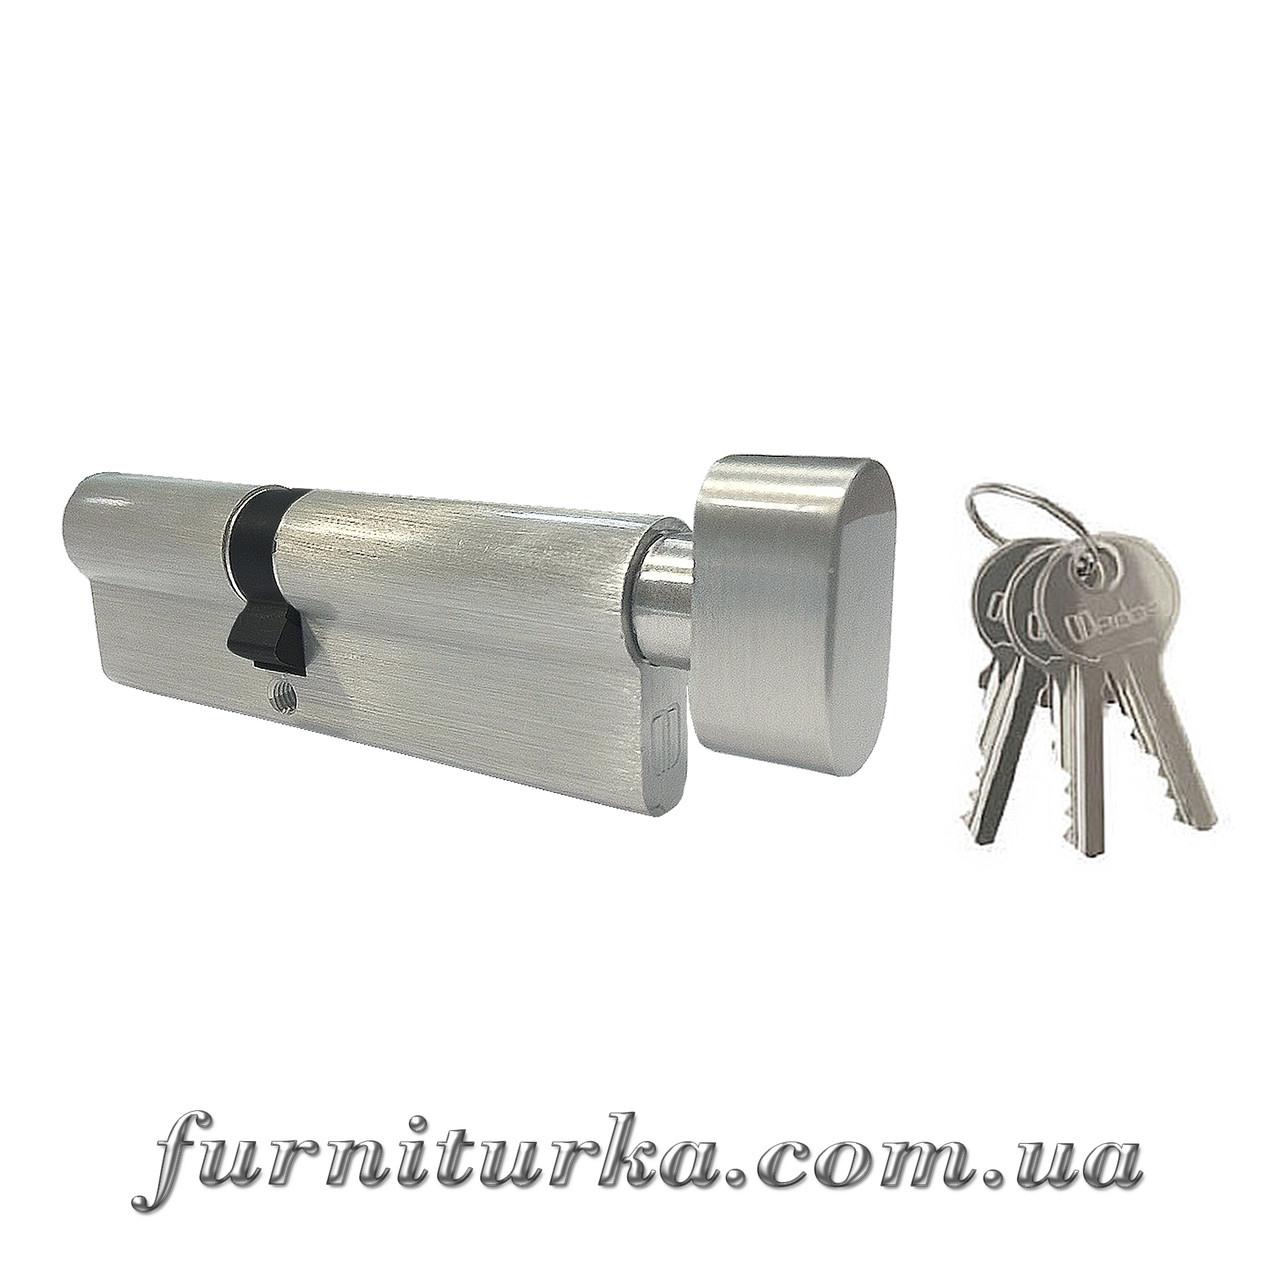 Сердцевина Medos 40/55 (барашек-ключ)